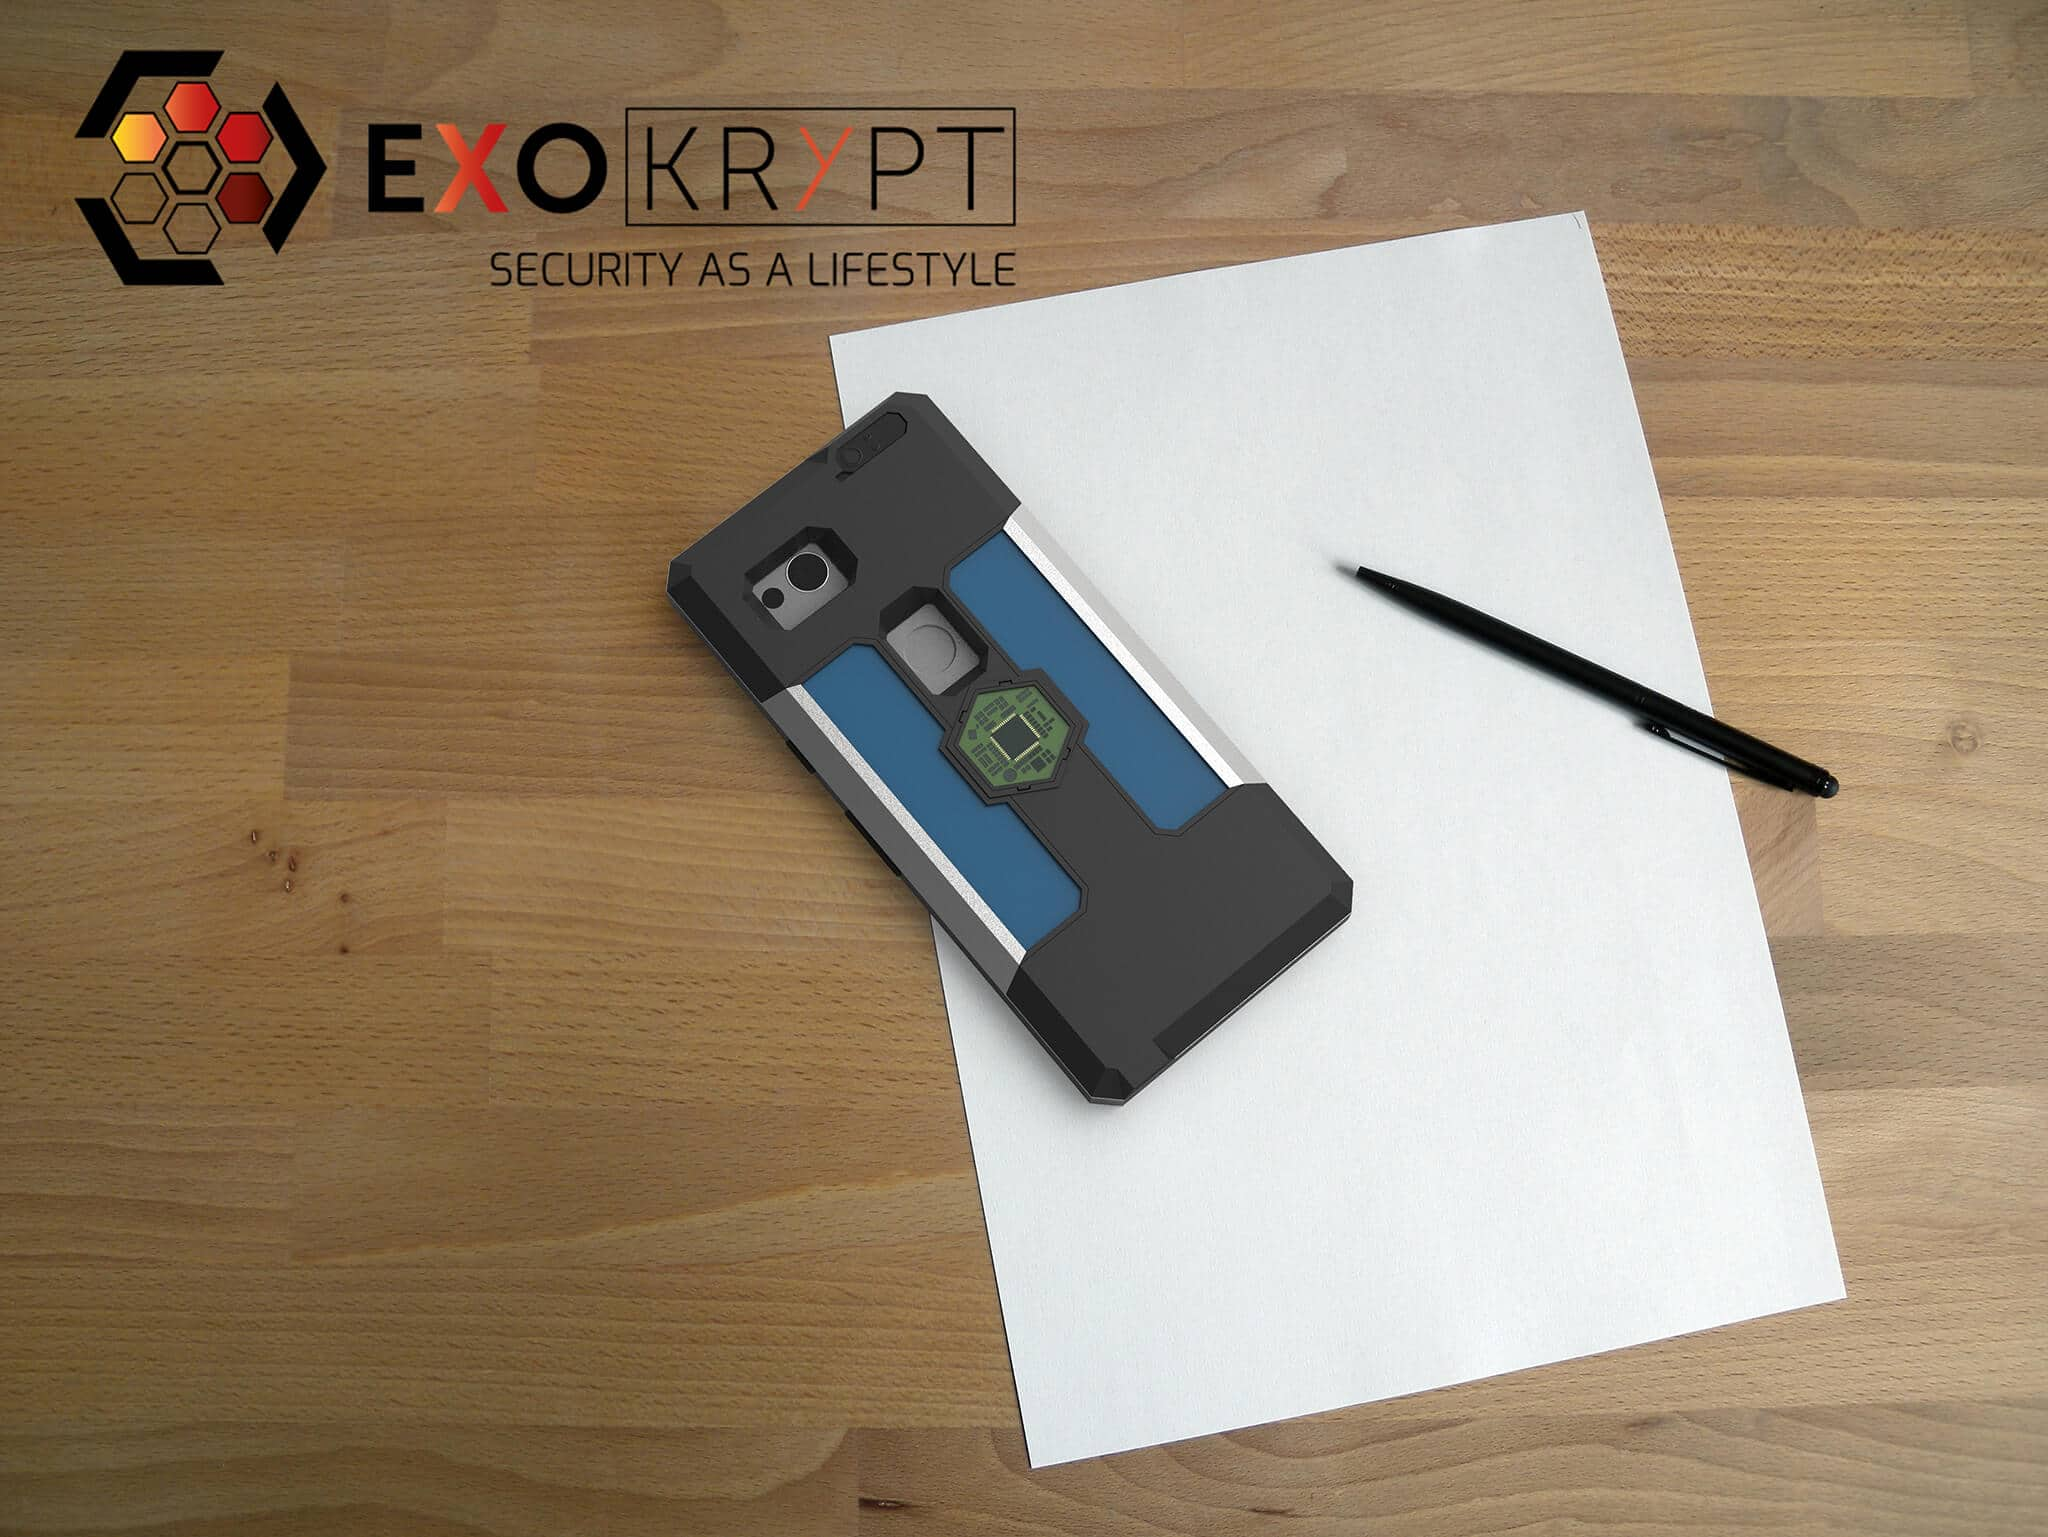 ExoShield BUSINESS Smartphone Case - Brushed Metal Frame - Blaue Inlets auf einem Holztisch auf einem Papierblatt liegend mit Kugelschreiber daneben